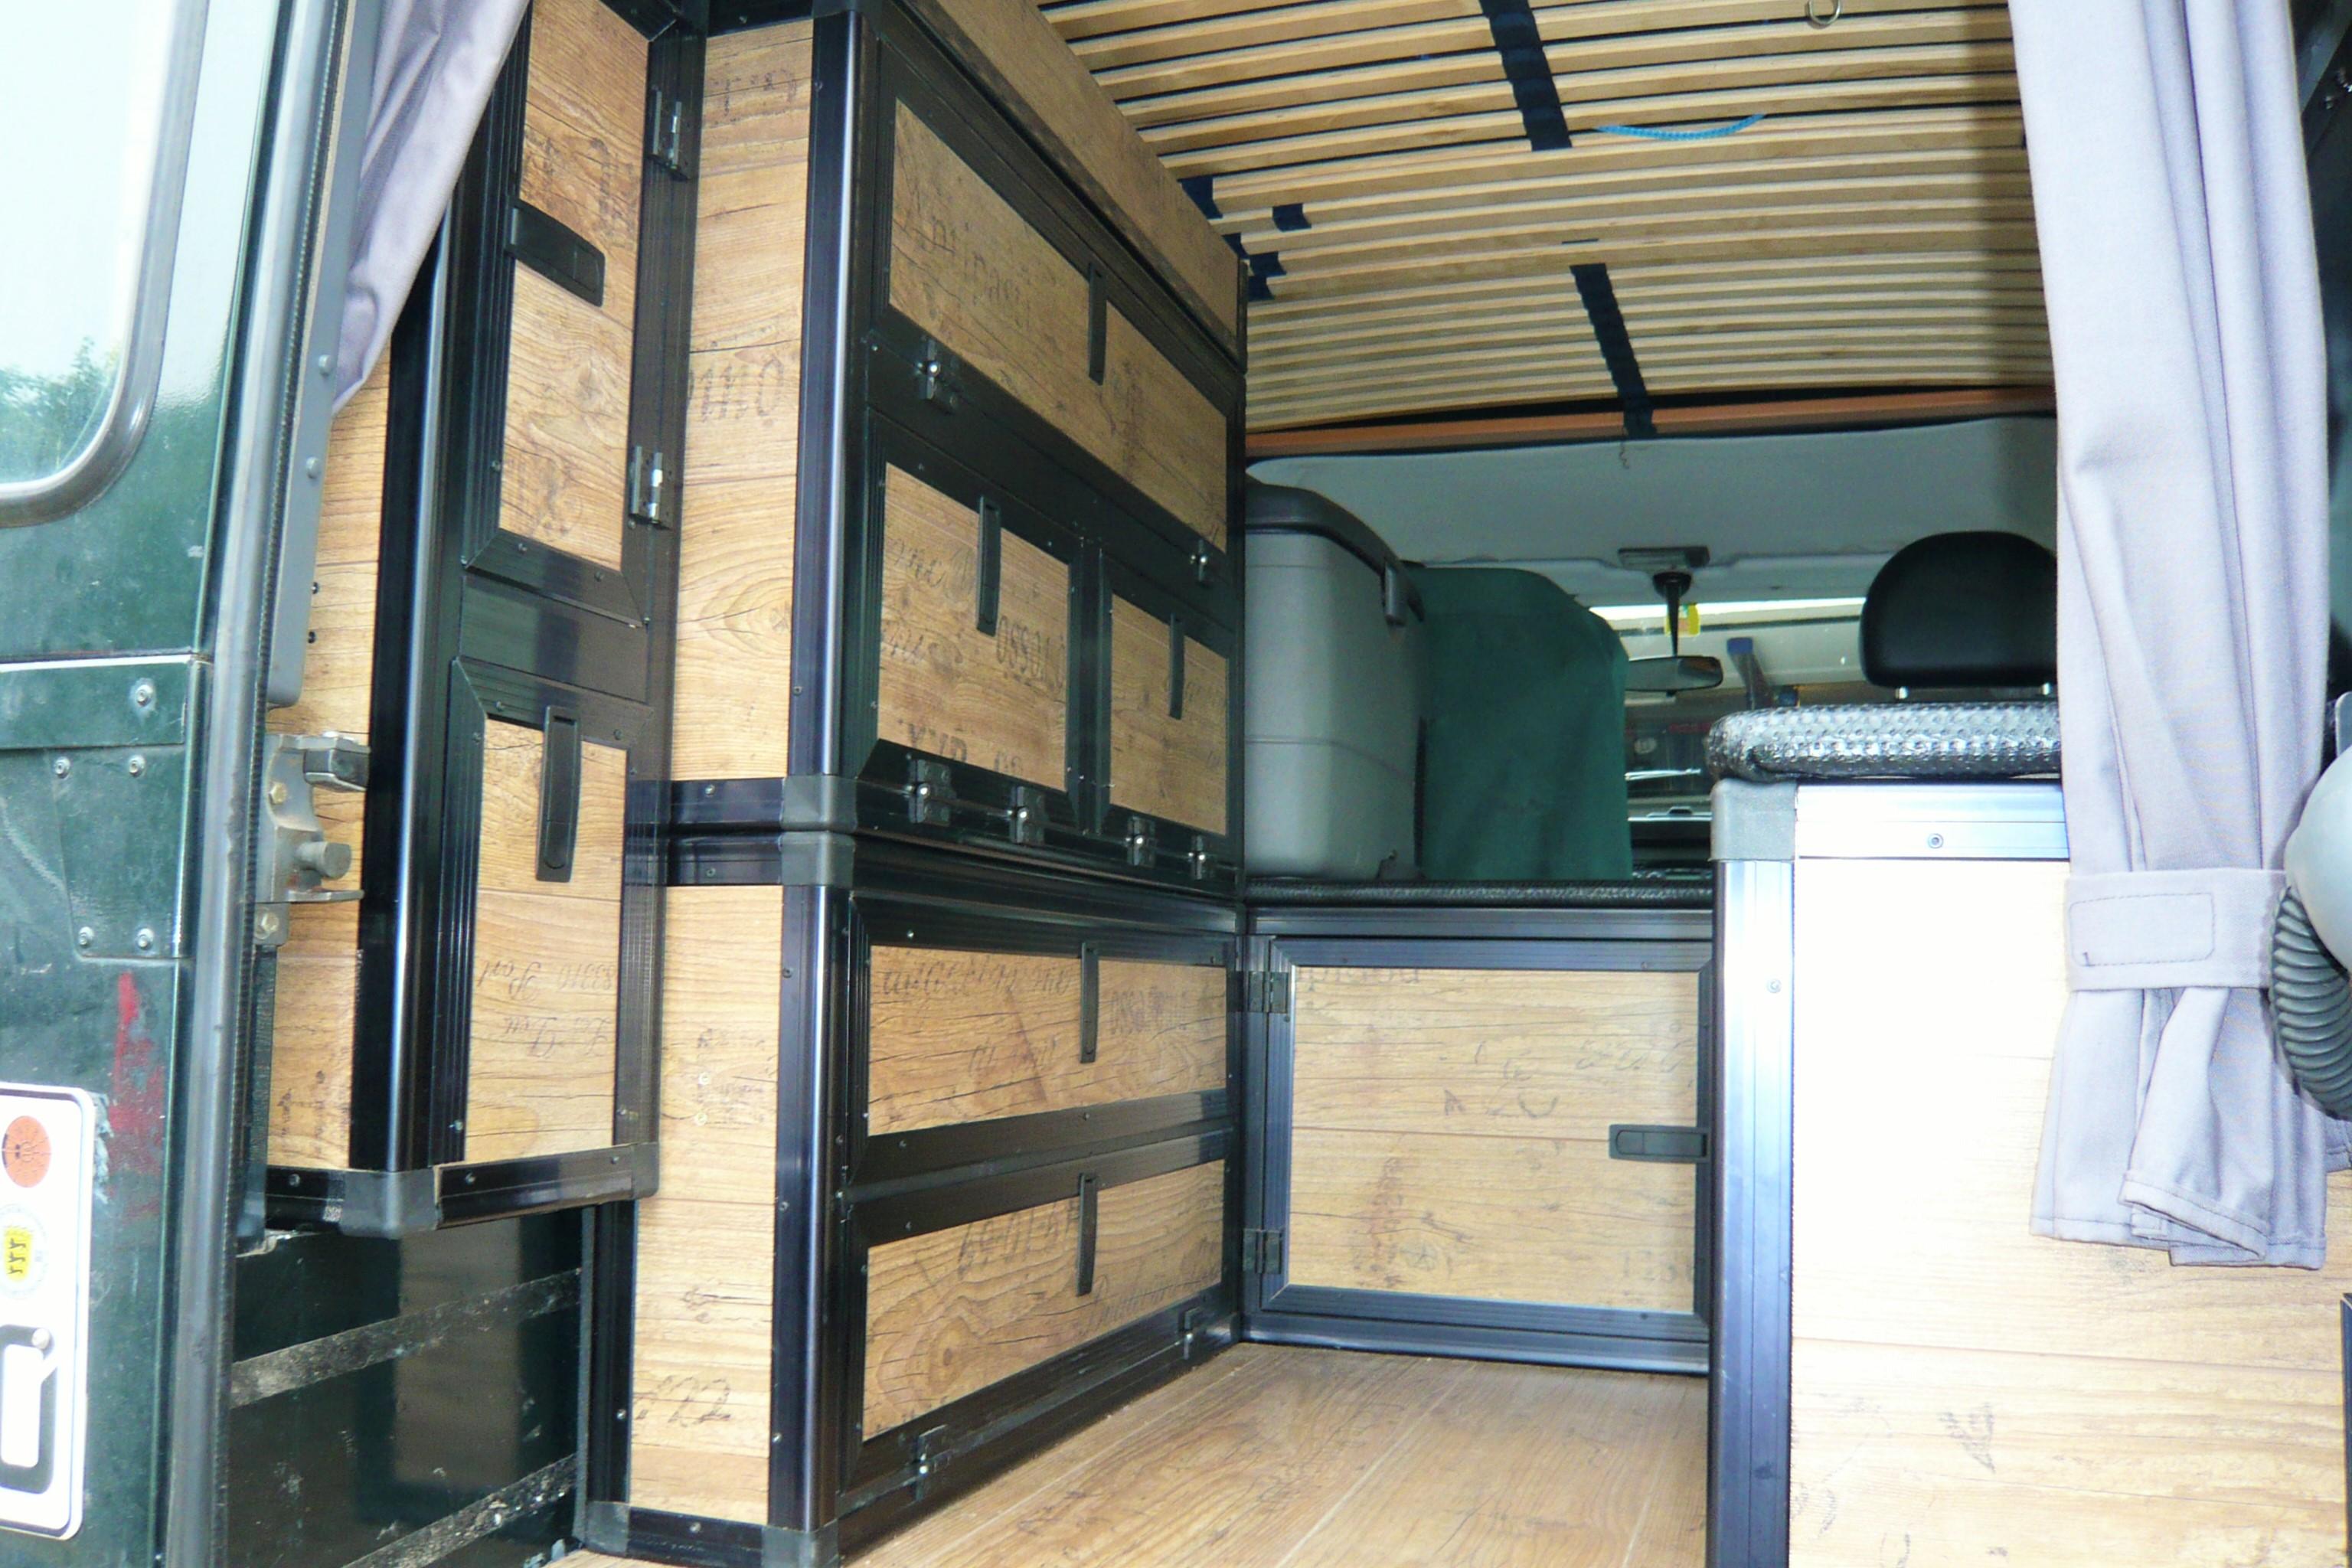 urlaubsfotos ideen 110er defender innenausbau mit laminat. Black Bedroom Furniture Sets. Home Design Ideas